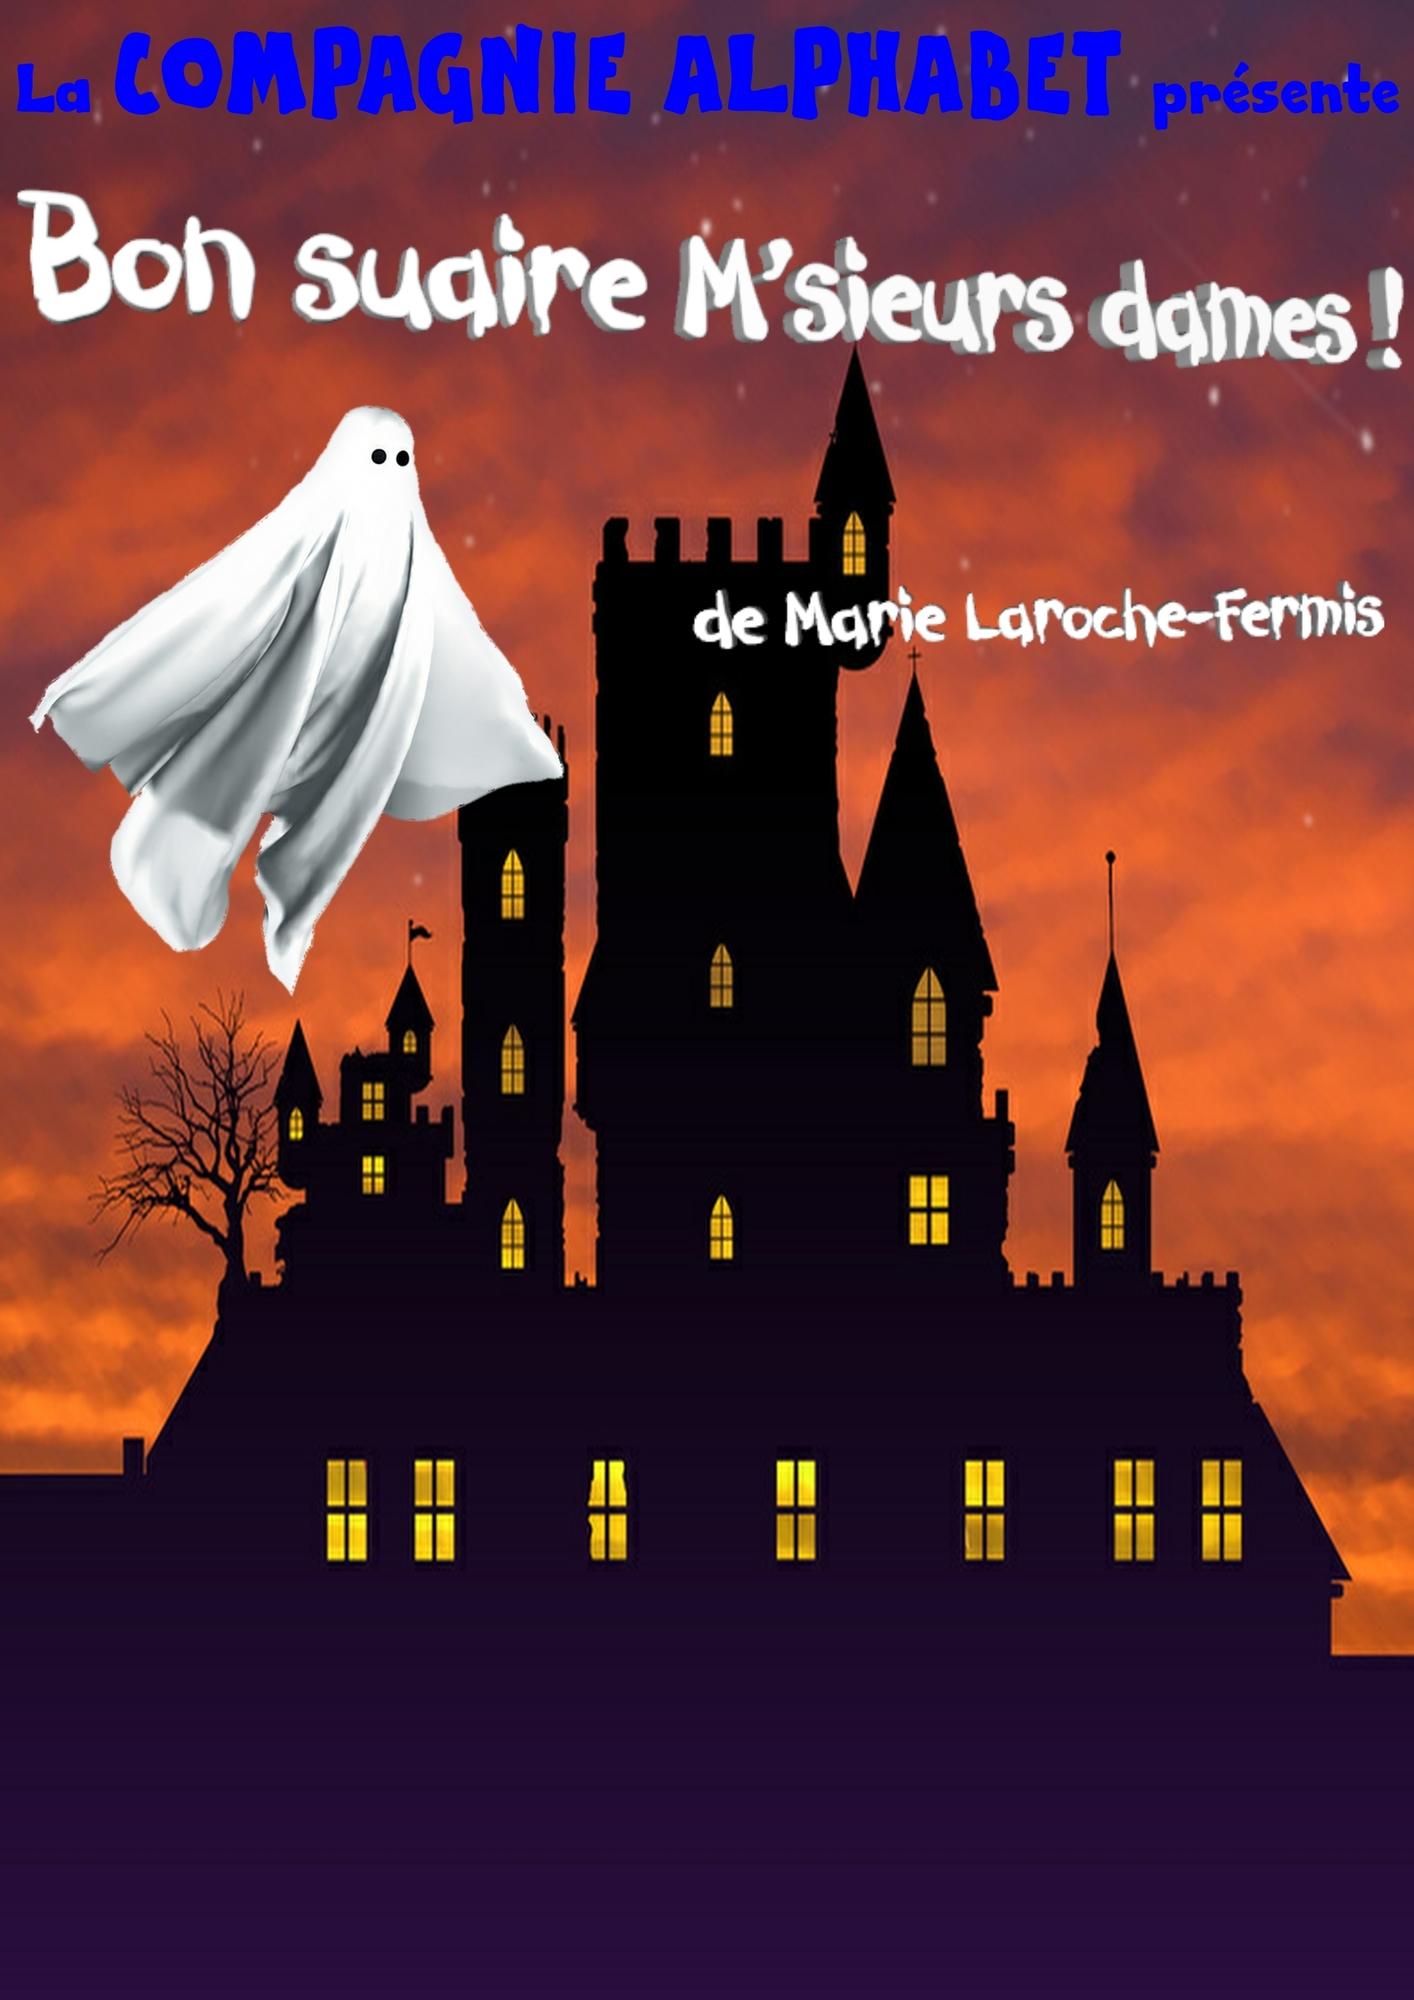 BON SUAIRE M'SIEURS DAMES, DE MARIE LAROCHE-FERMIS NICE